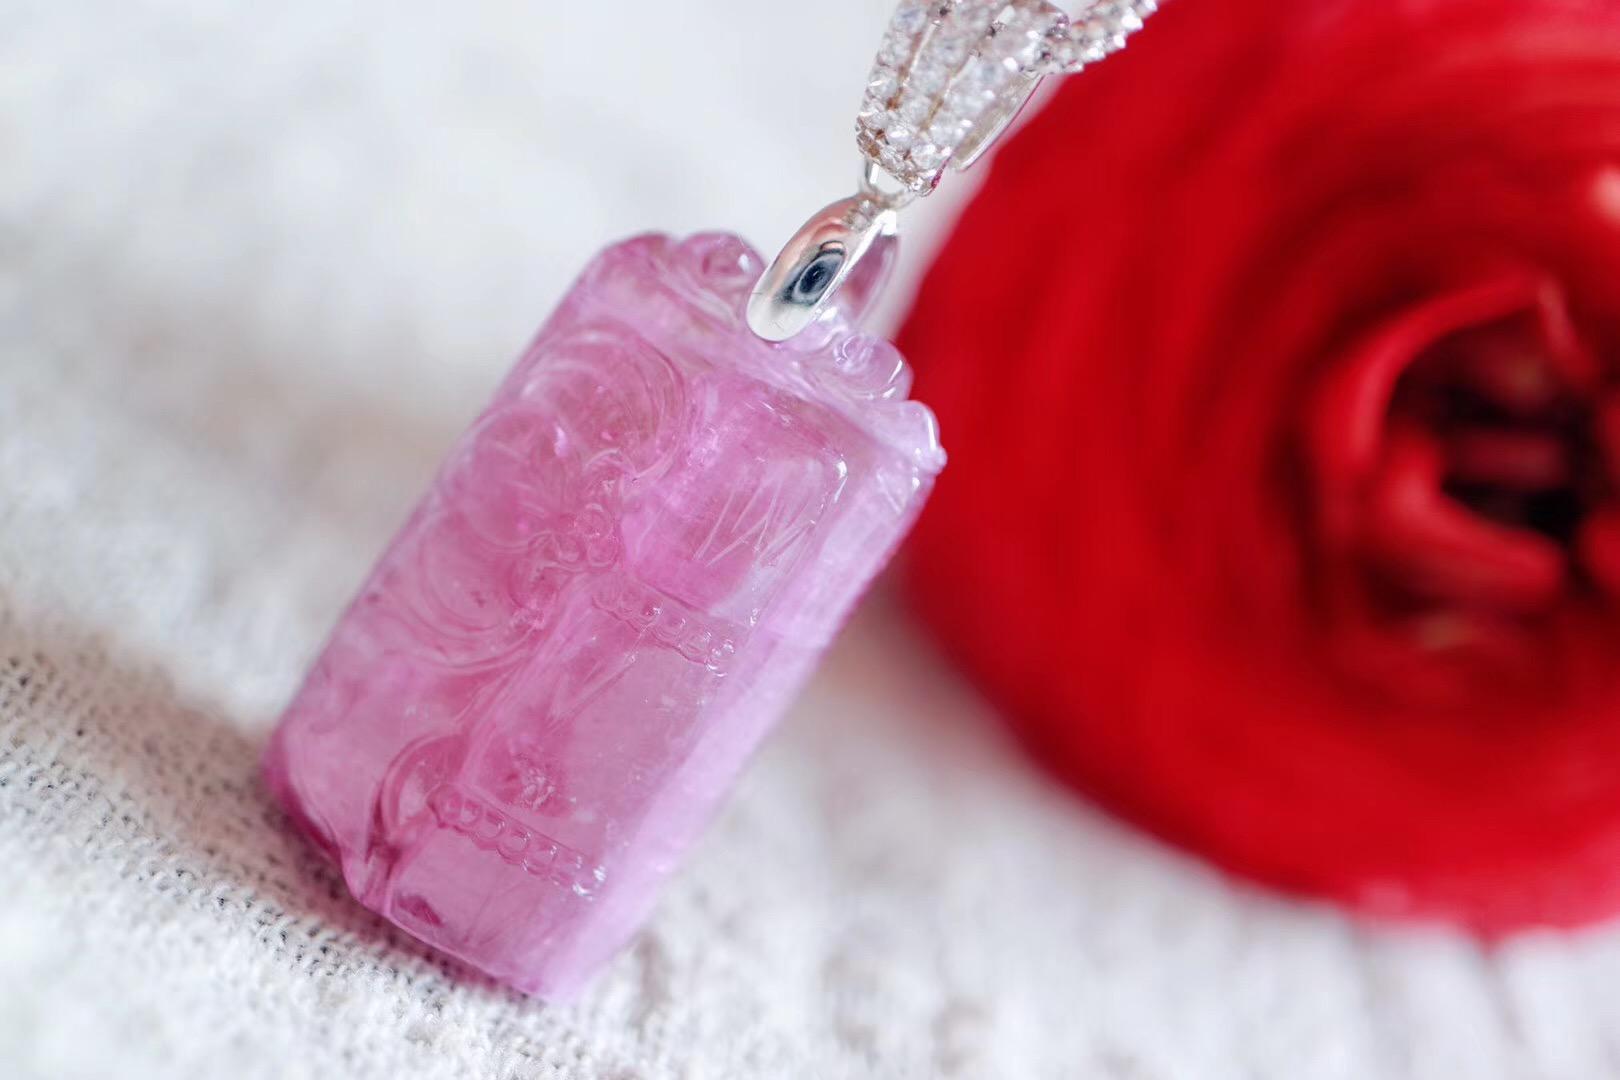 【菩心   红碧玺】红碧玺,美容养颜,对女性内分泌有很好的调节作用-菩心晶舍